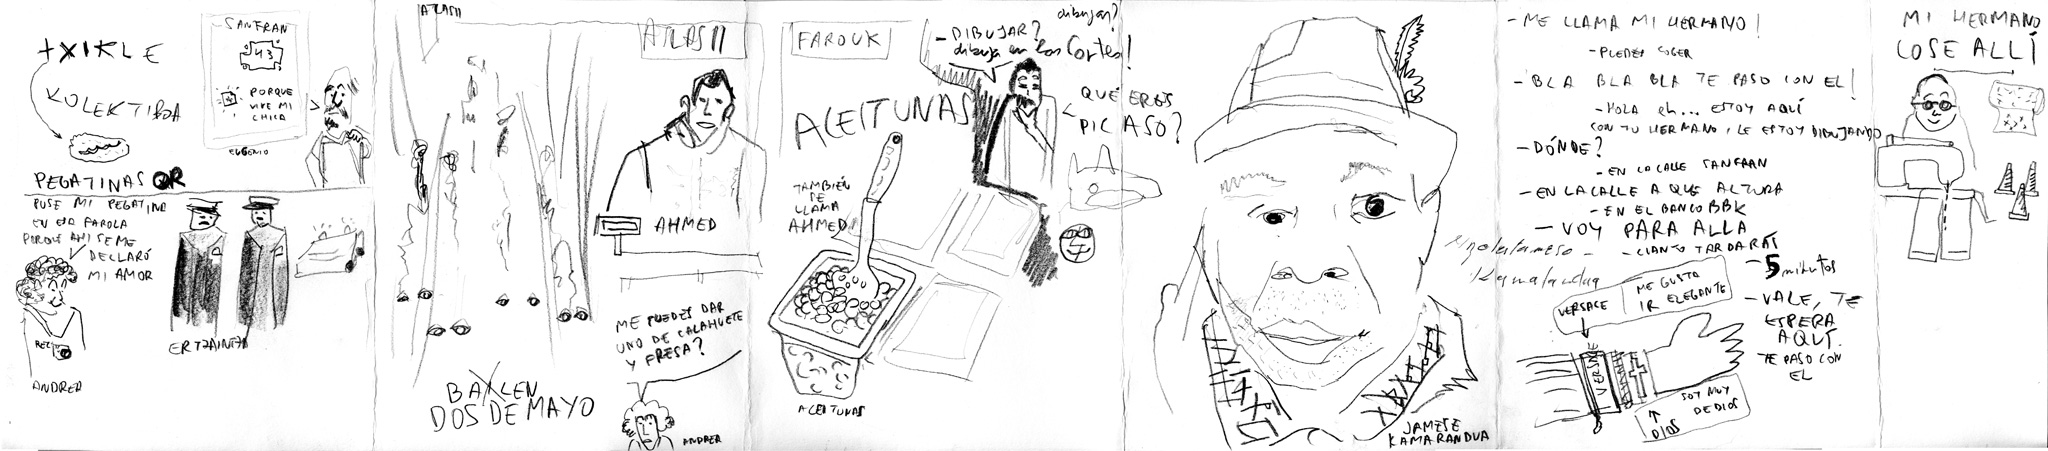 Unai_Requejo-txikle_kolektiboa-gauirekia